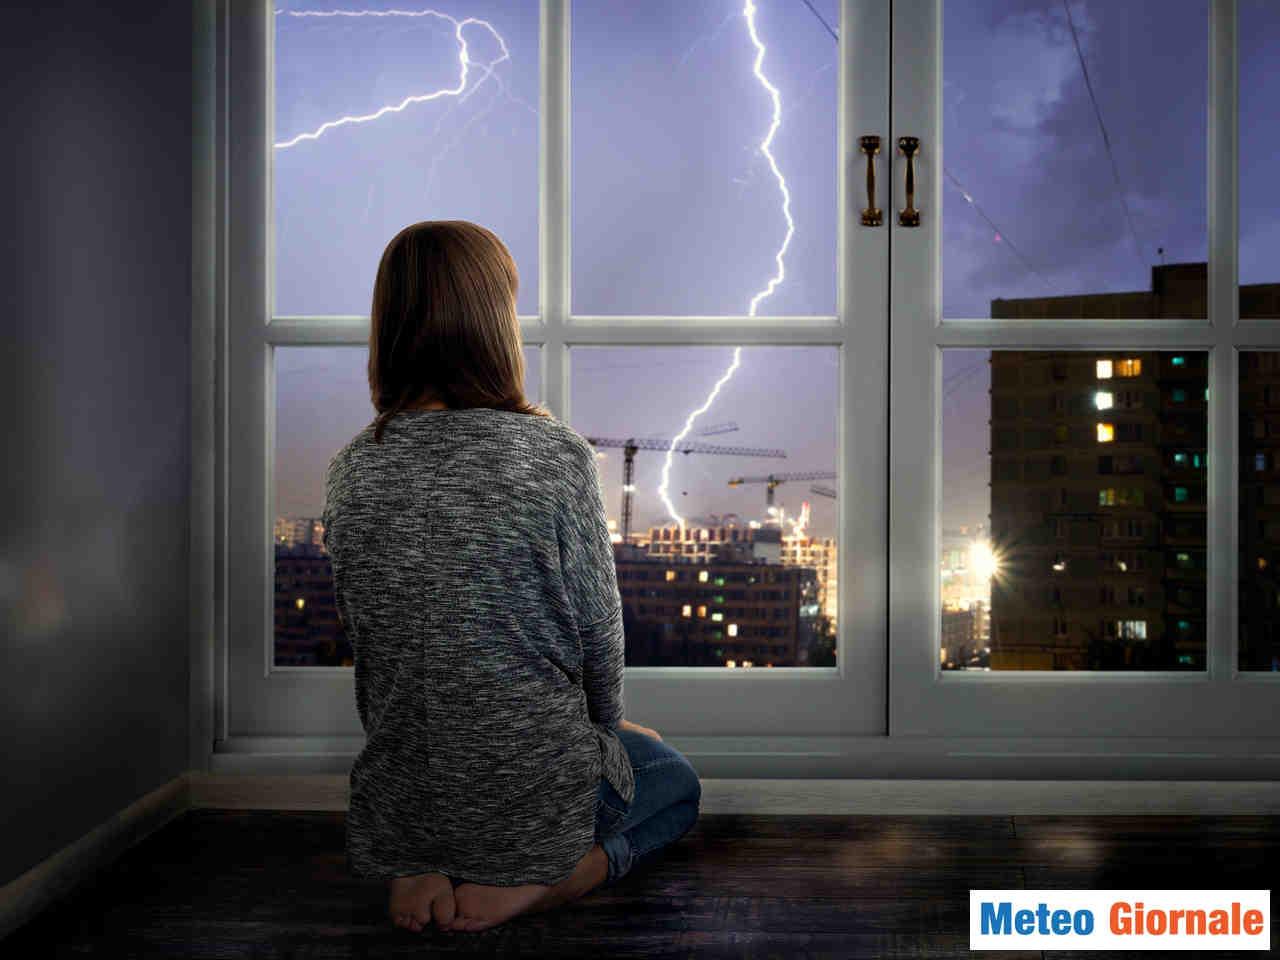 meteo giornale 00602 - Maggio, sempre più mese meteo estremo. La nuova Primavera